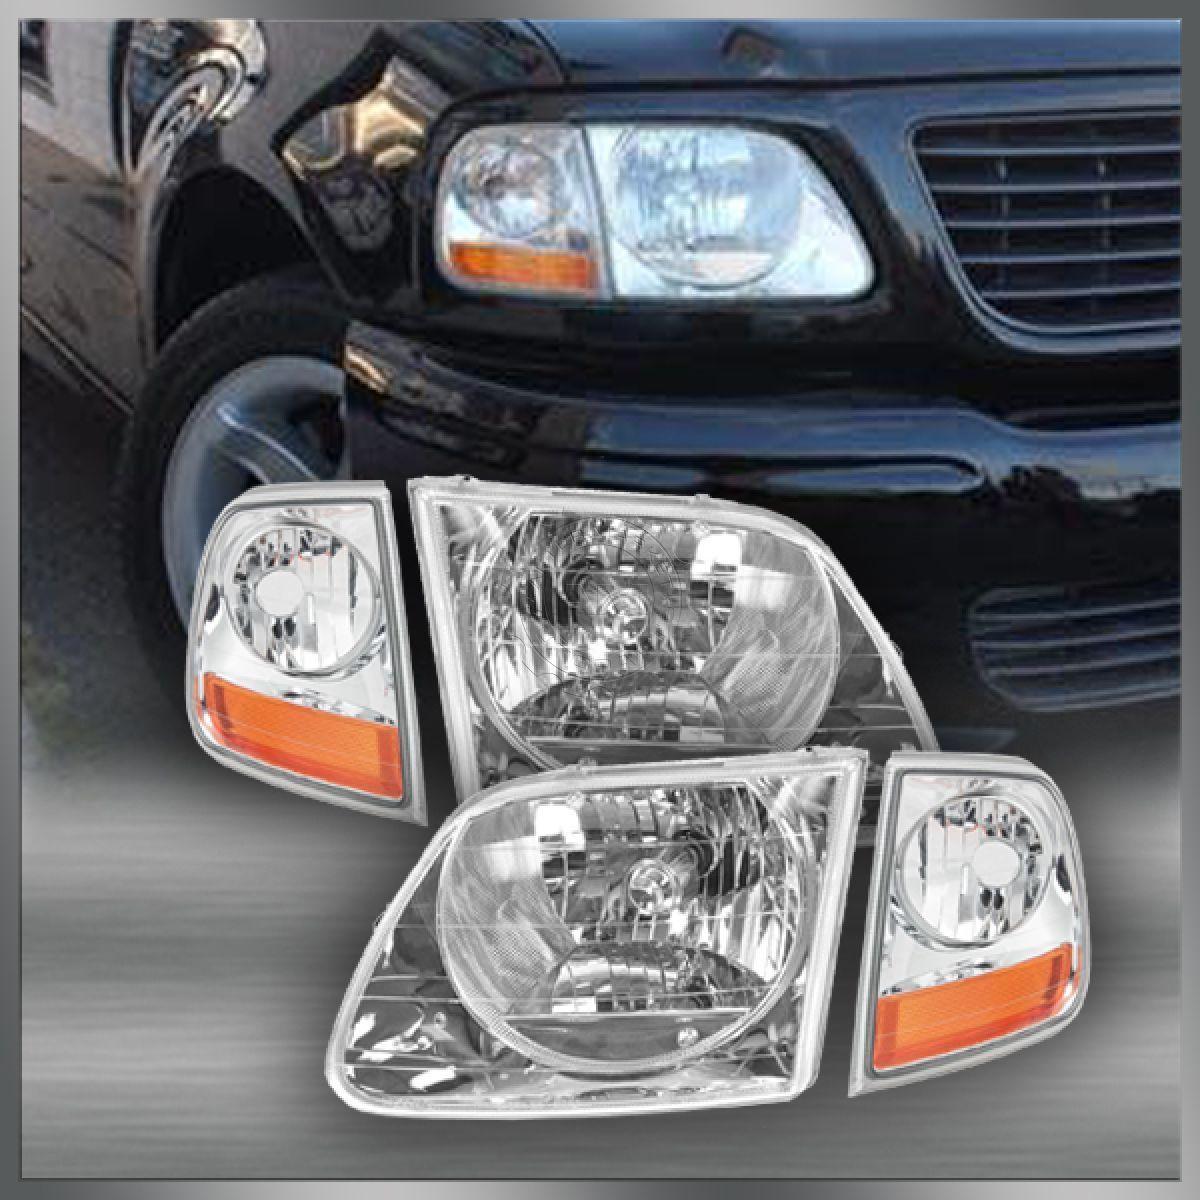 コーナーライト Lightning Style Headlights & Corner Parking Lights Kit Set for F150 Expedition ライトニングスタイルヘッドライト& コーナーパーキングライトキットF150遠征用セット